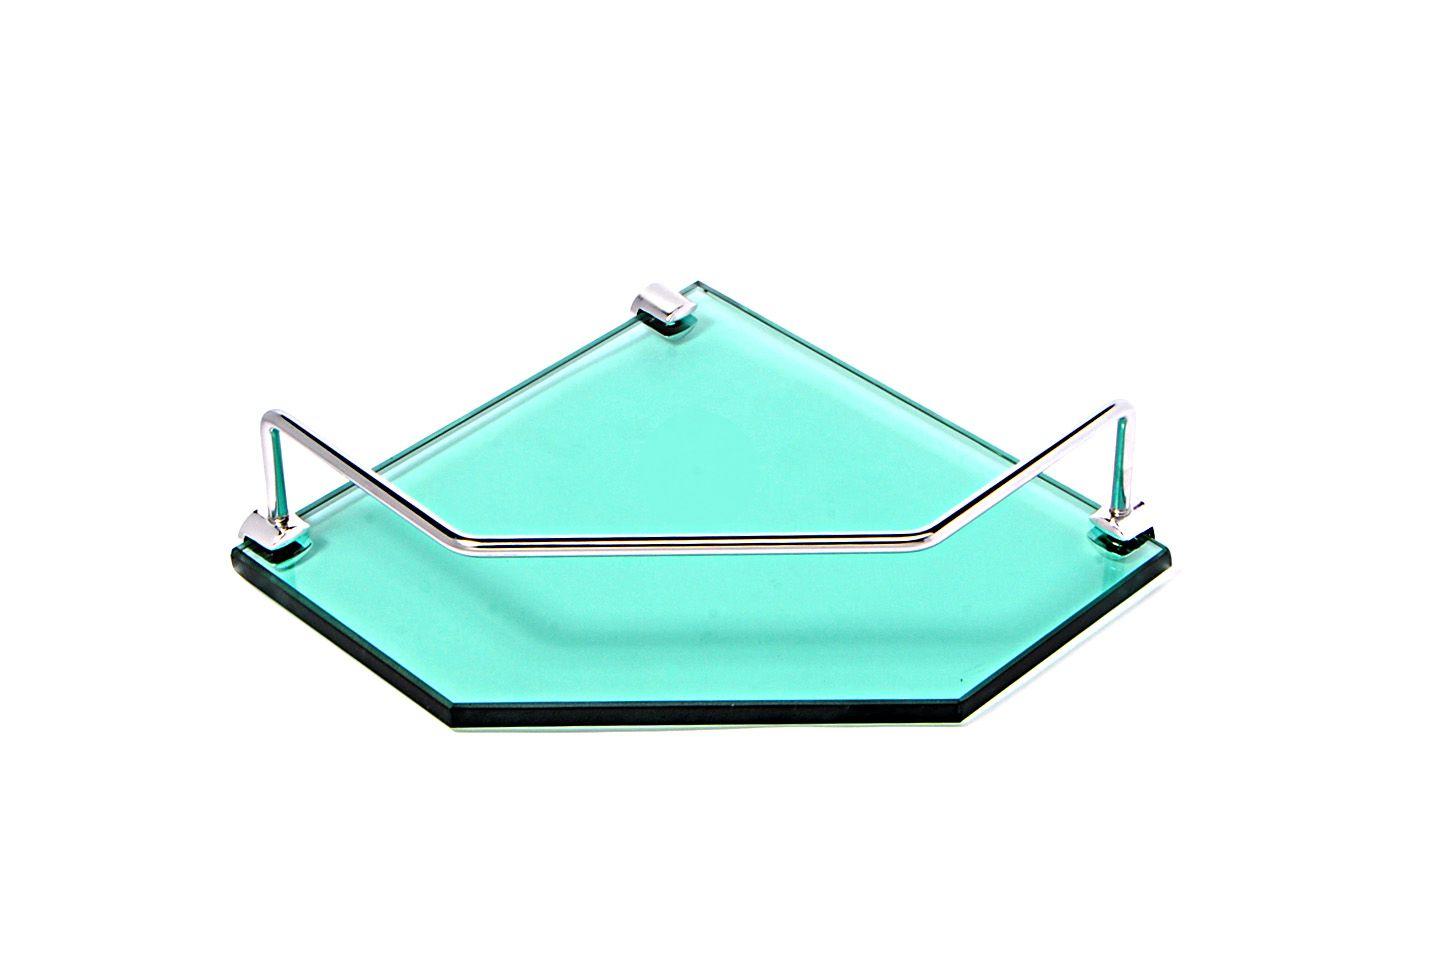 Porta Shampoo de Canto Reto em Vidro Verde Lapidado - Aquabox  - 20cmx20cmx10mm